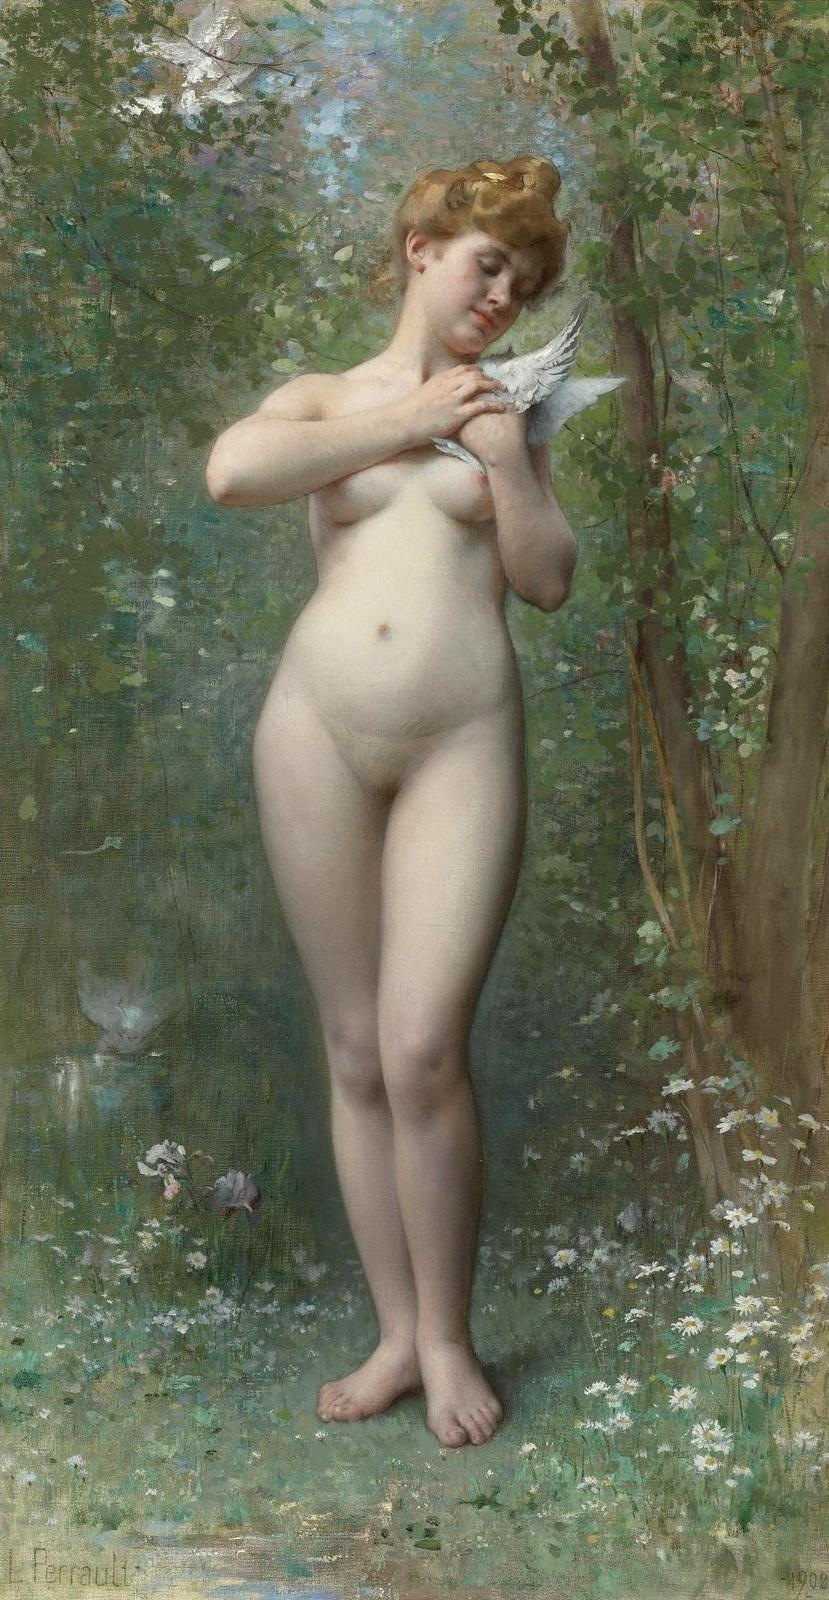 Леон Базиль Перро Франция 1832-1908. Венера и голубь.